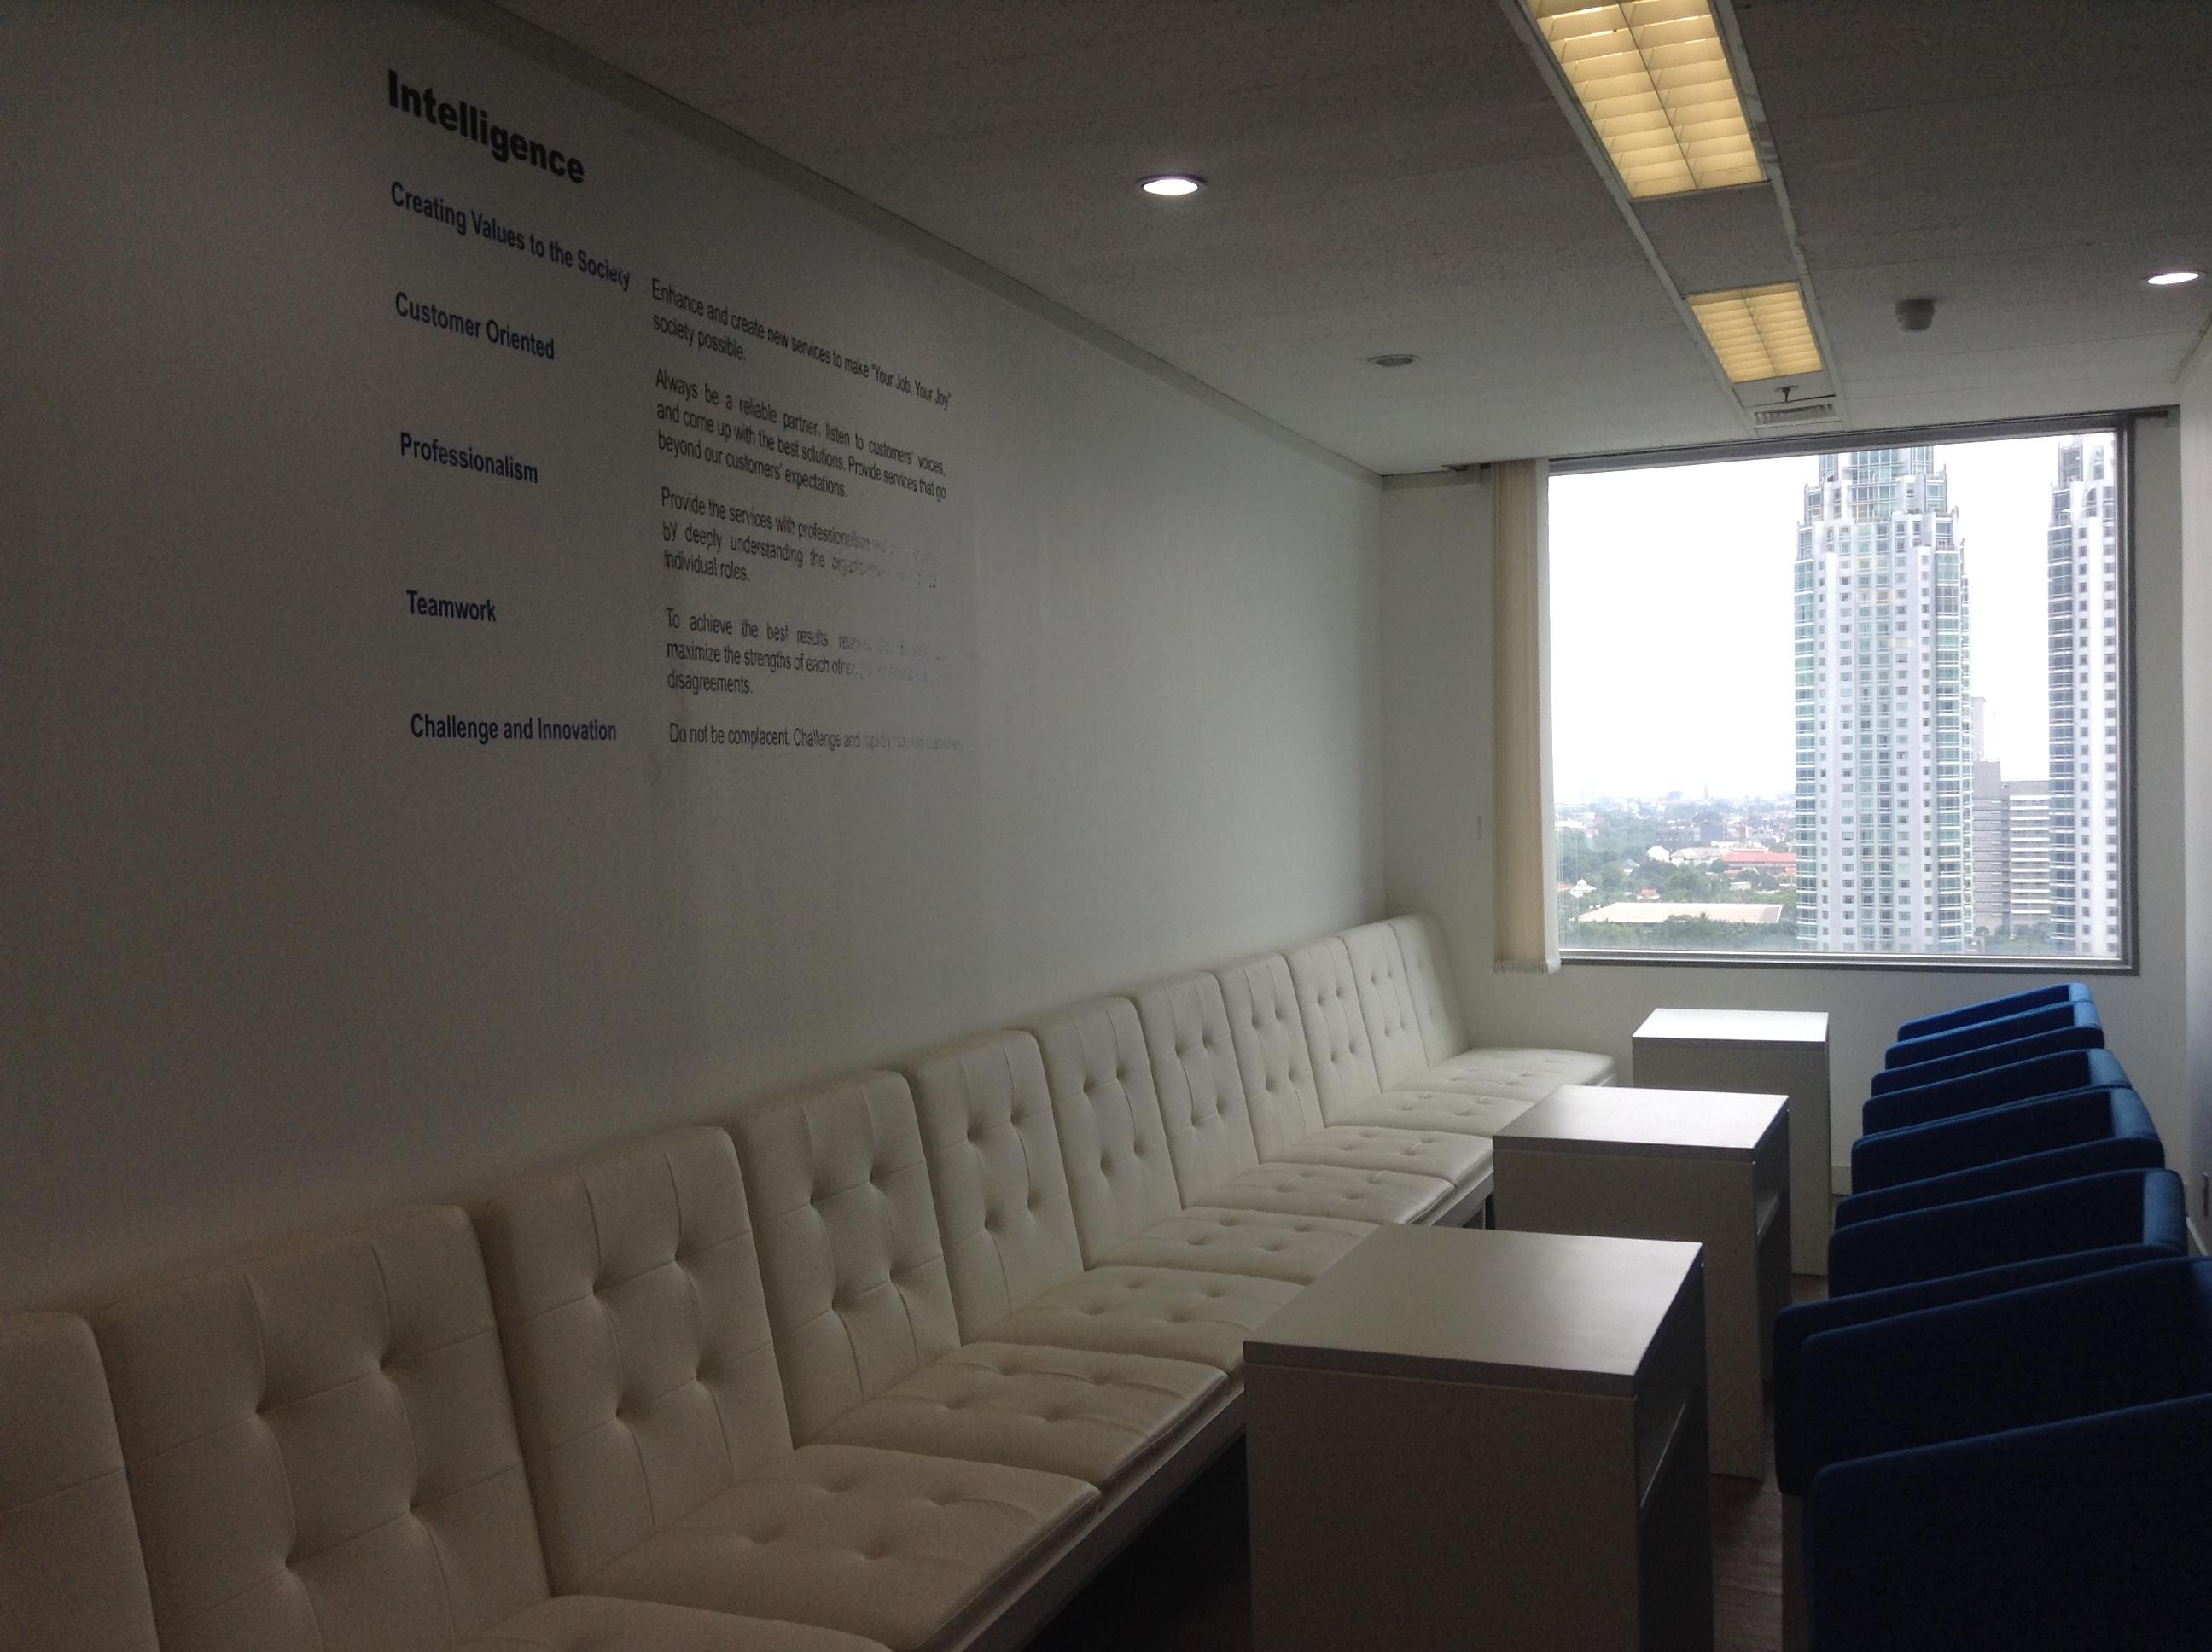 インドネシア ジャカルタの転職エージェント インテリジェンス社のオフィス